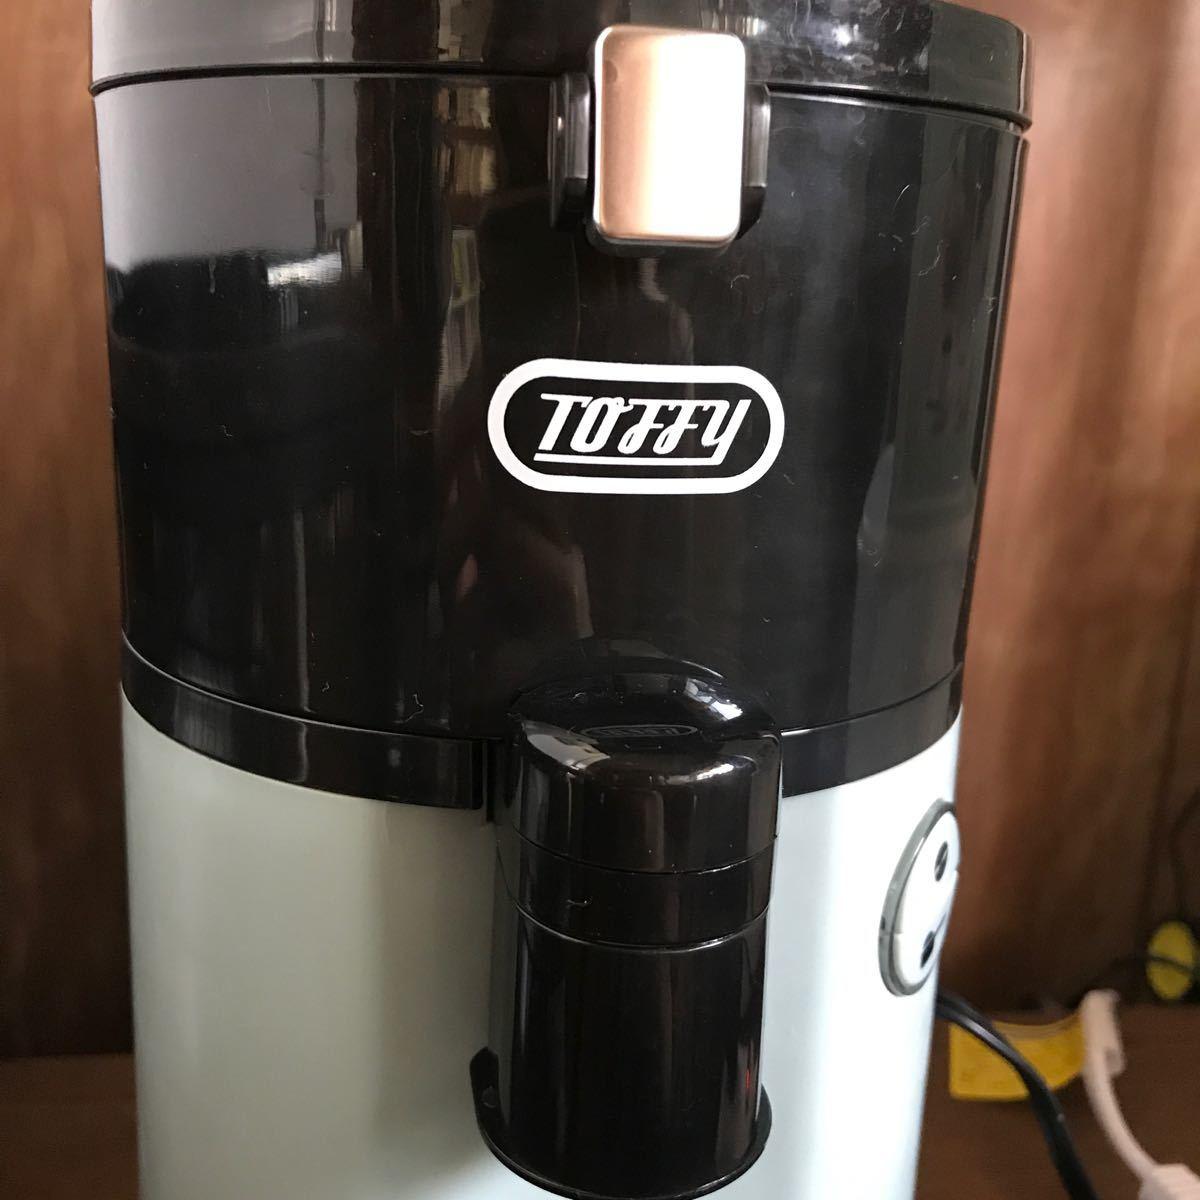 Toffy 全自動ミル付きコーヒーメーカー